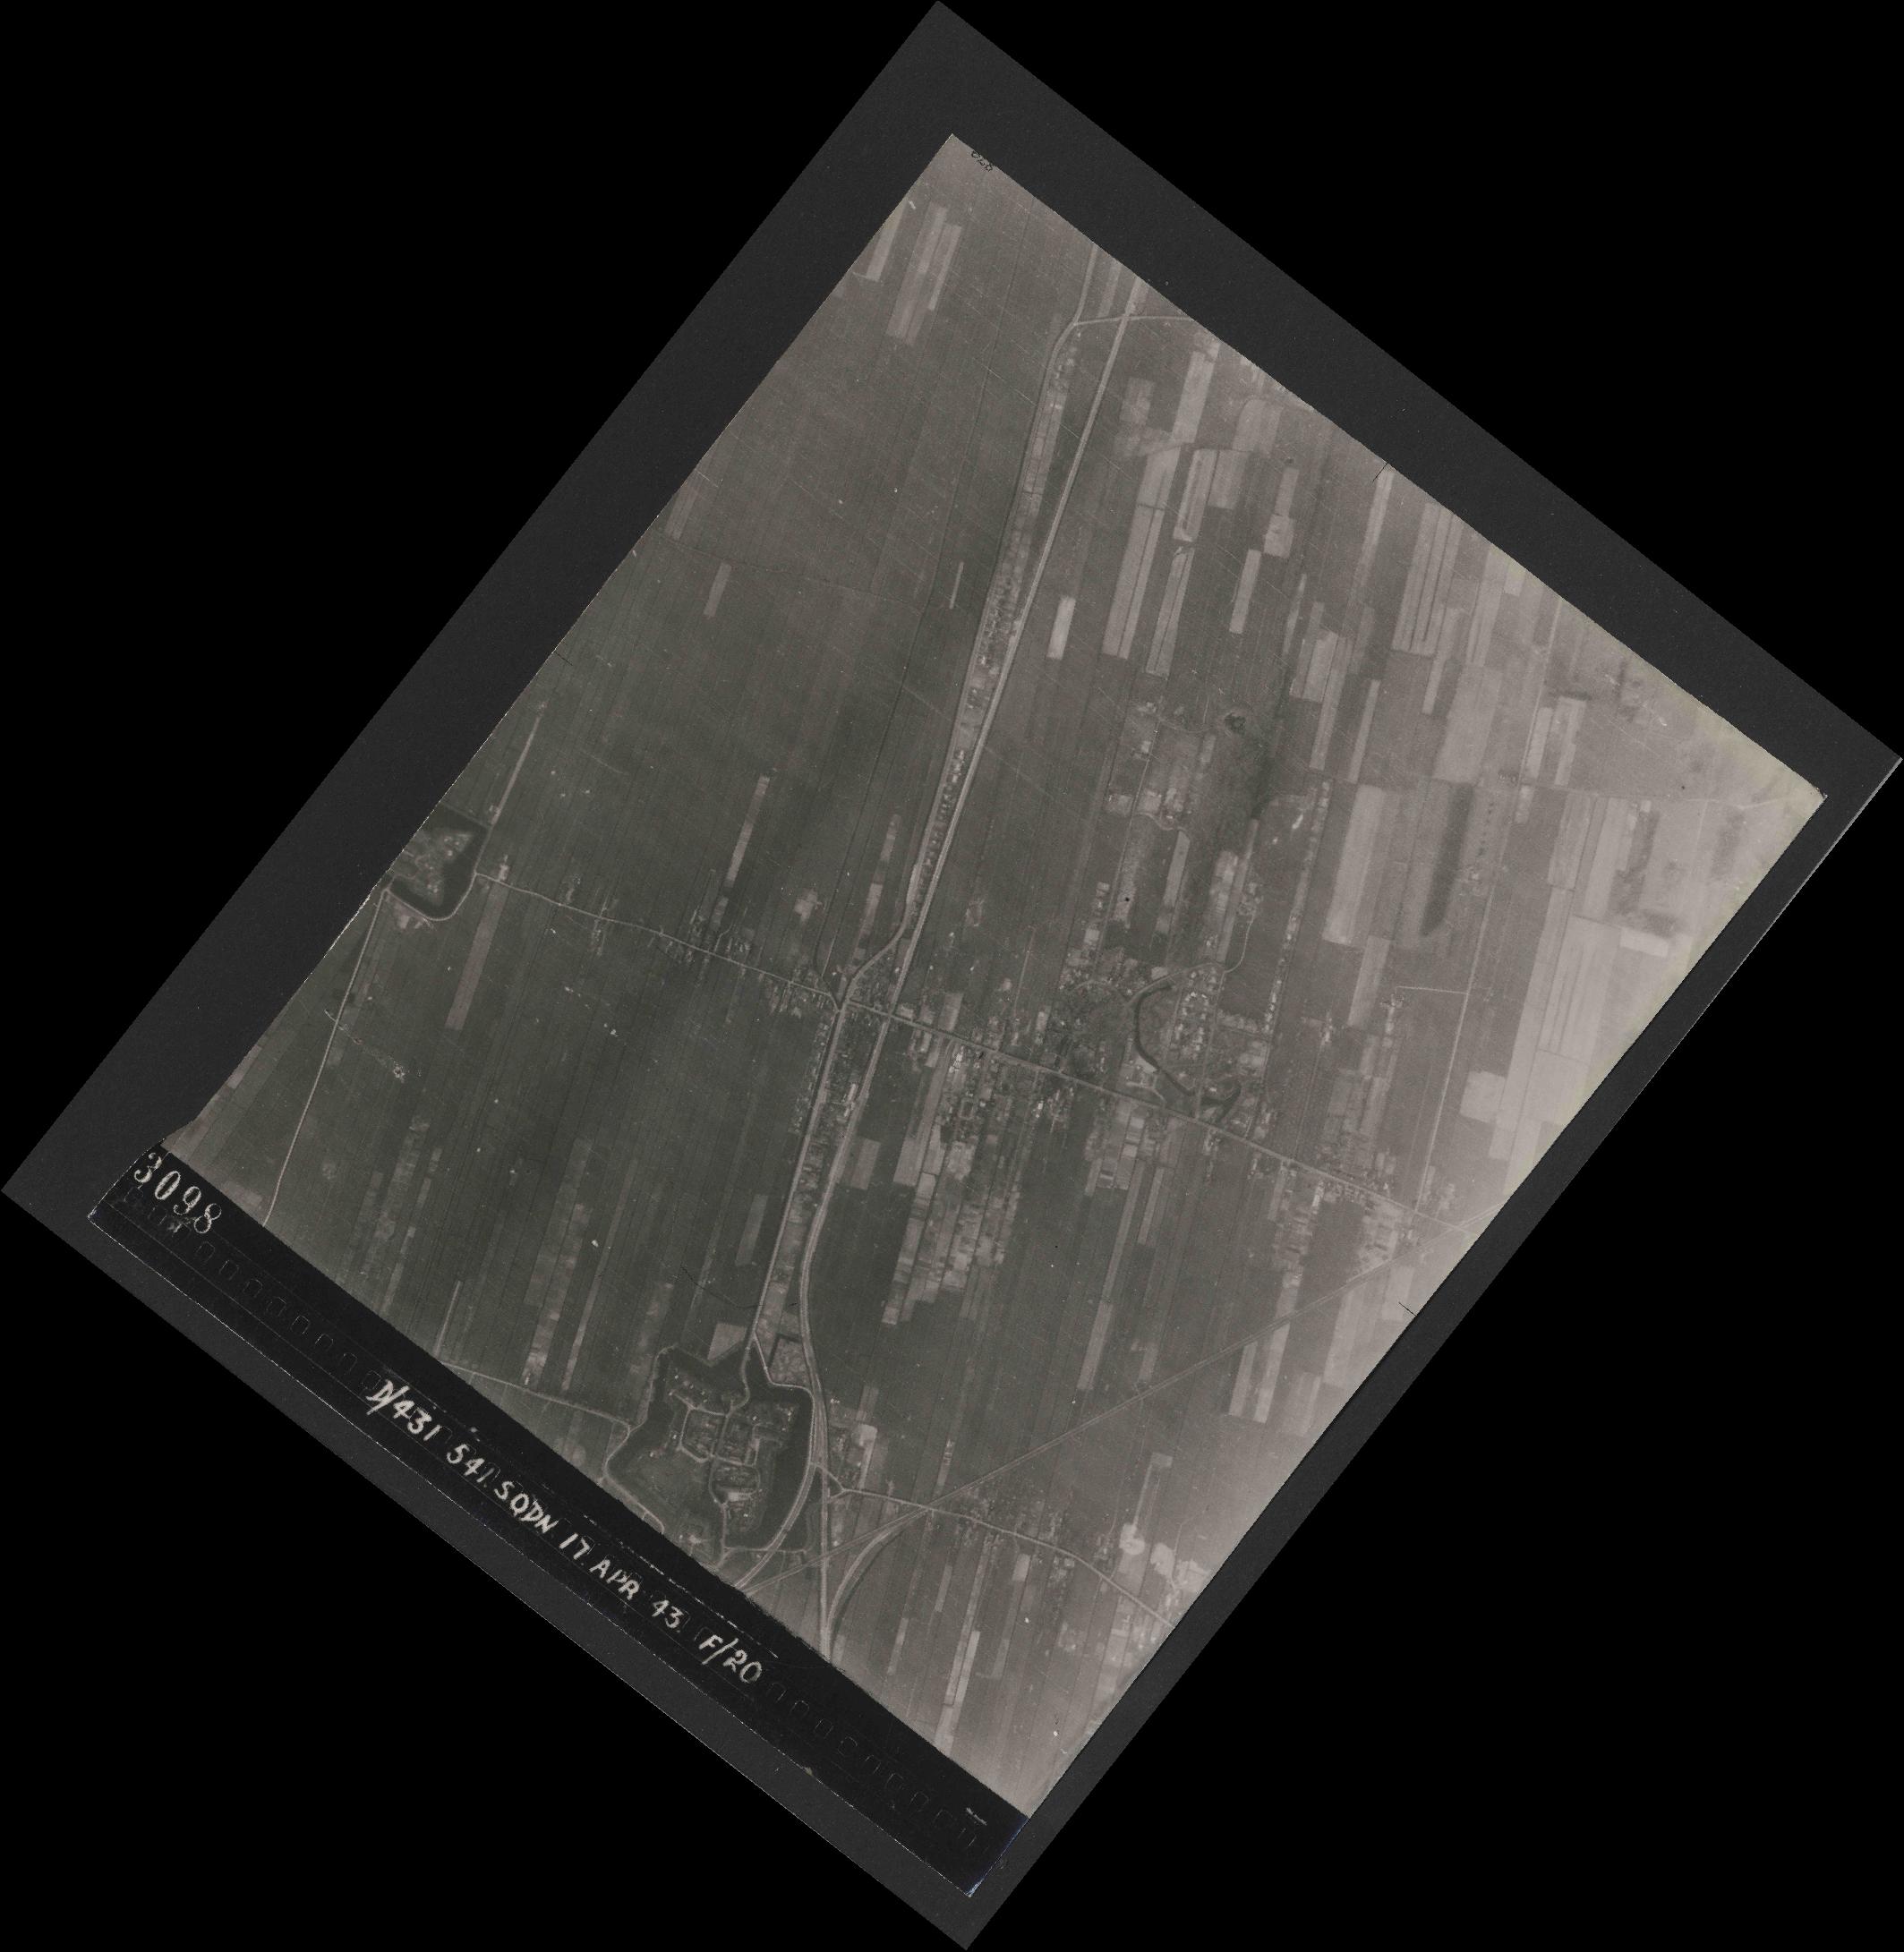 Collection RAF aerial photos 1940-1945 - flight 329, run 02, photo 3098